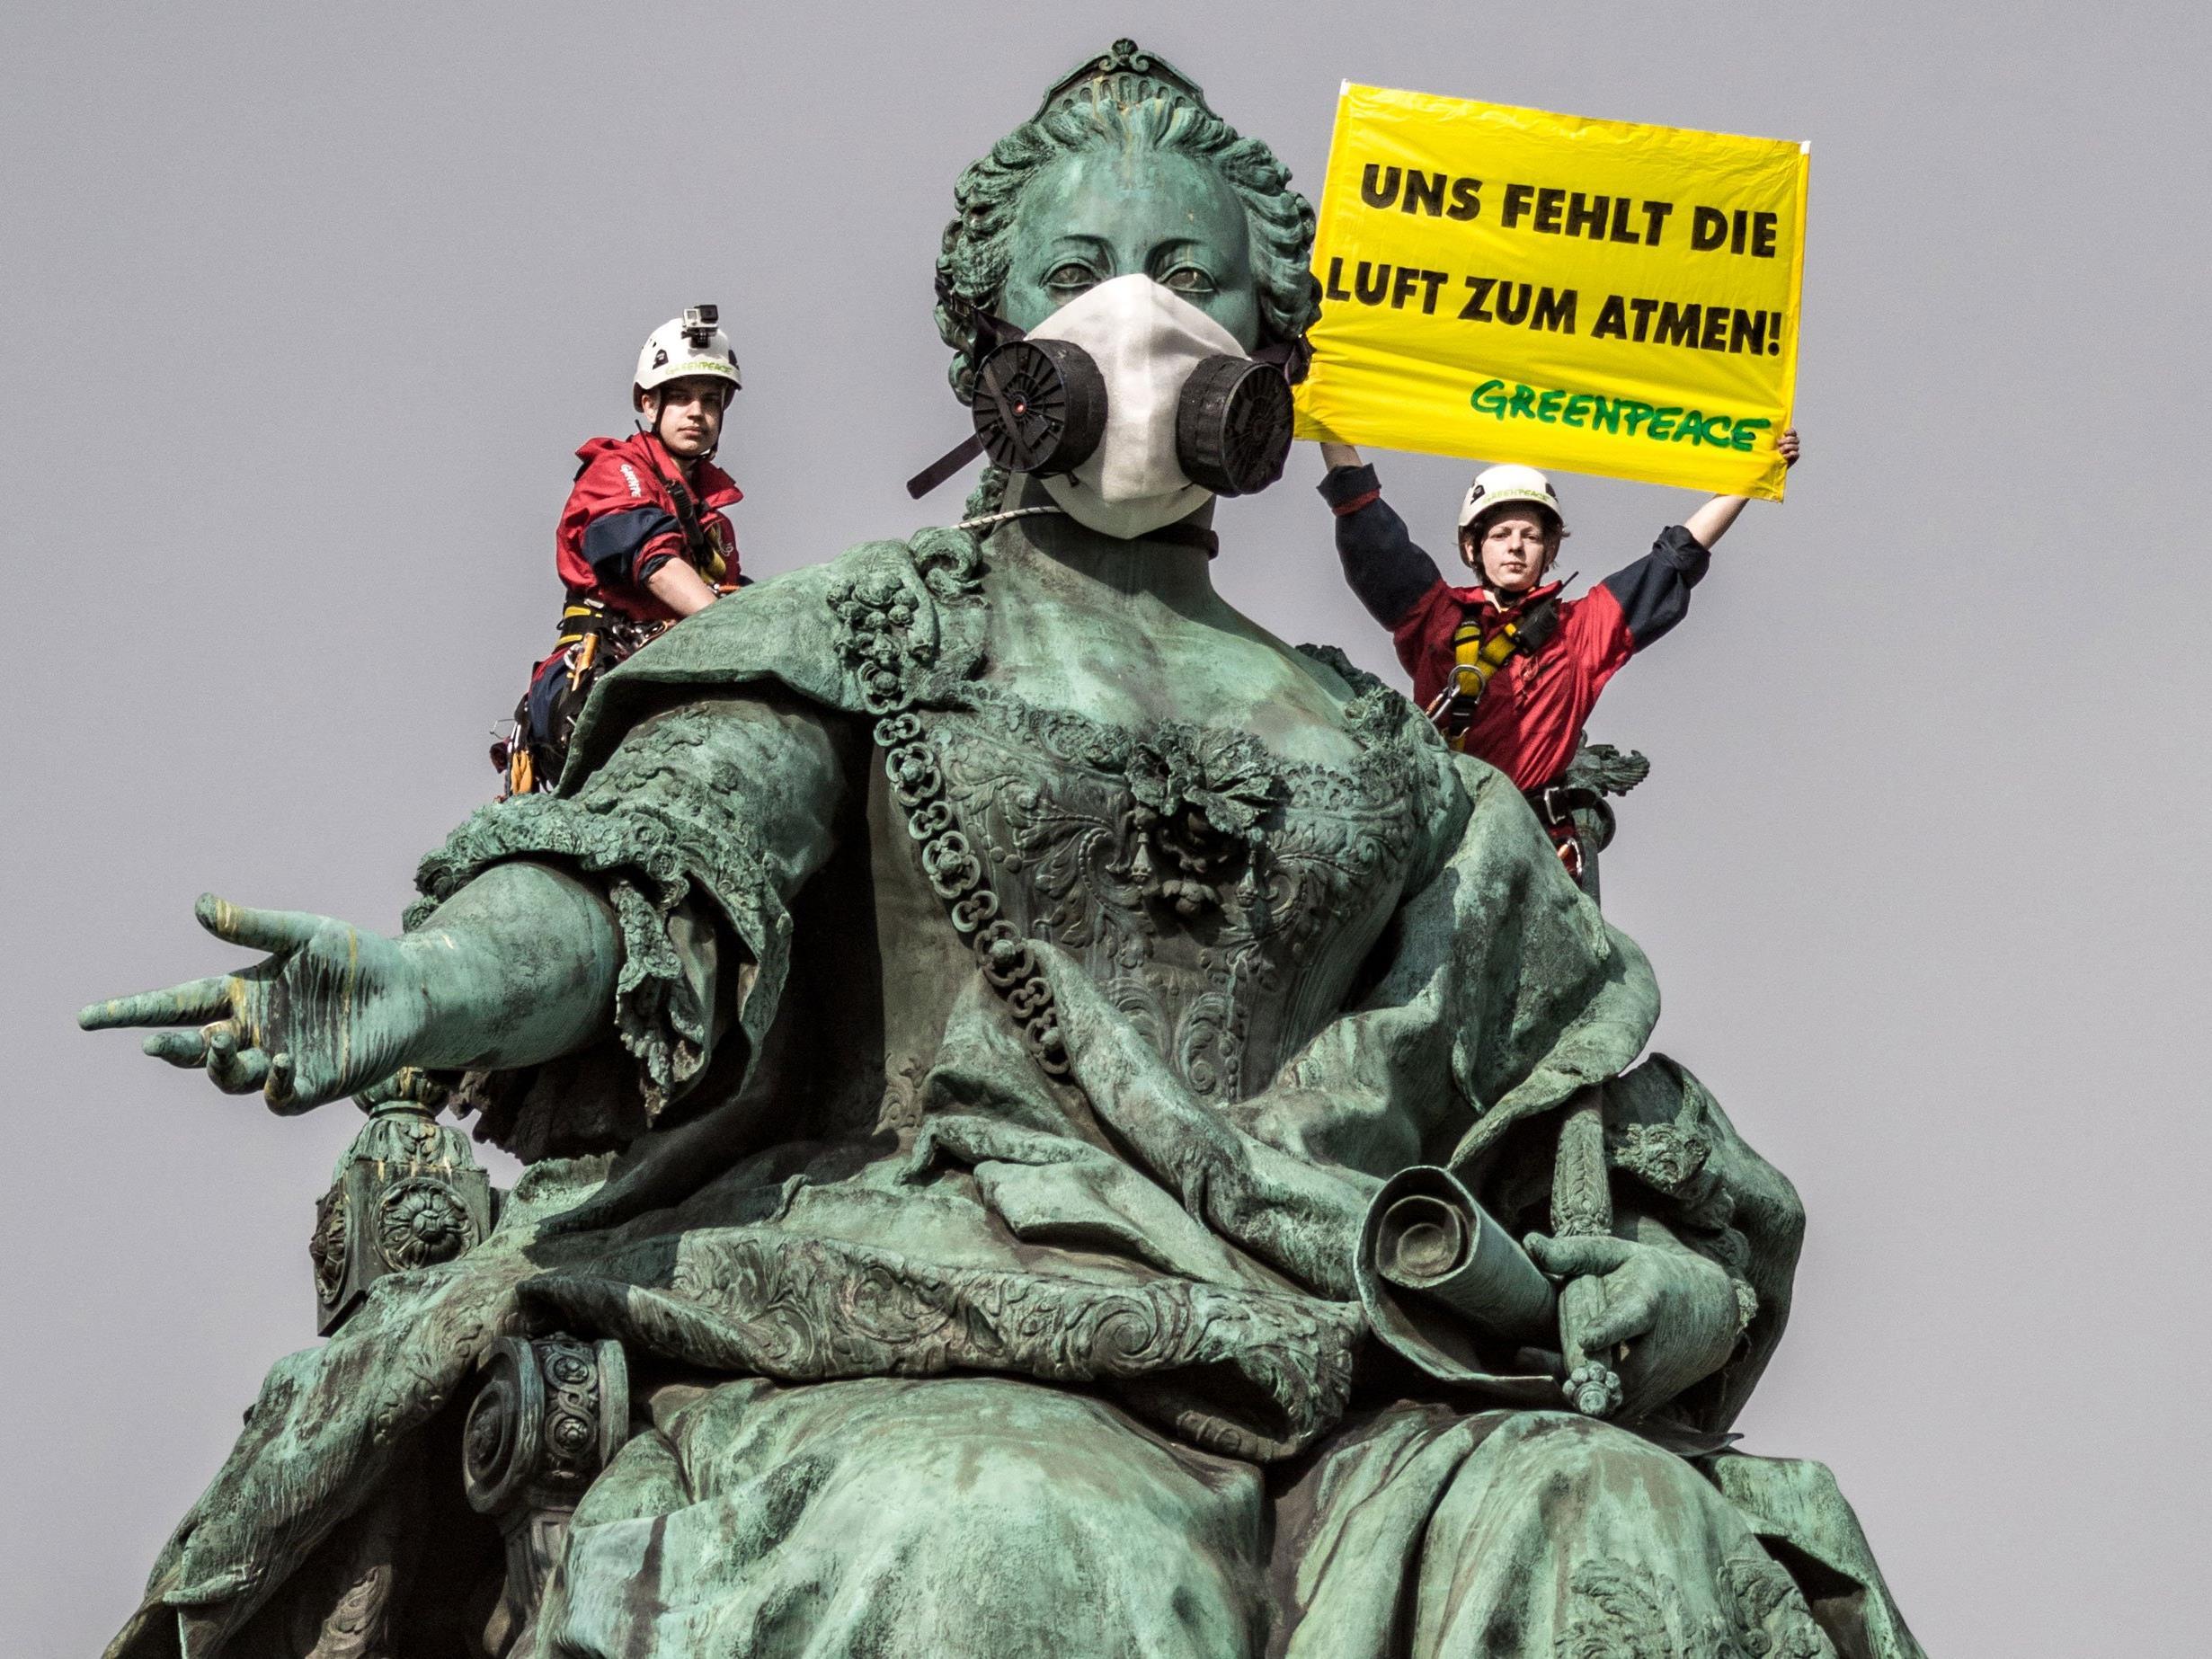 Das Denkmal mit der Atemschutzmaske soll auf die schlechten Luftwerte aufmerksam machen.